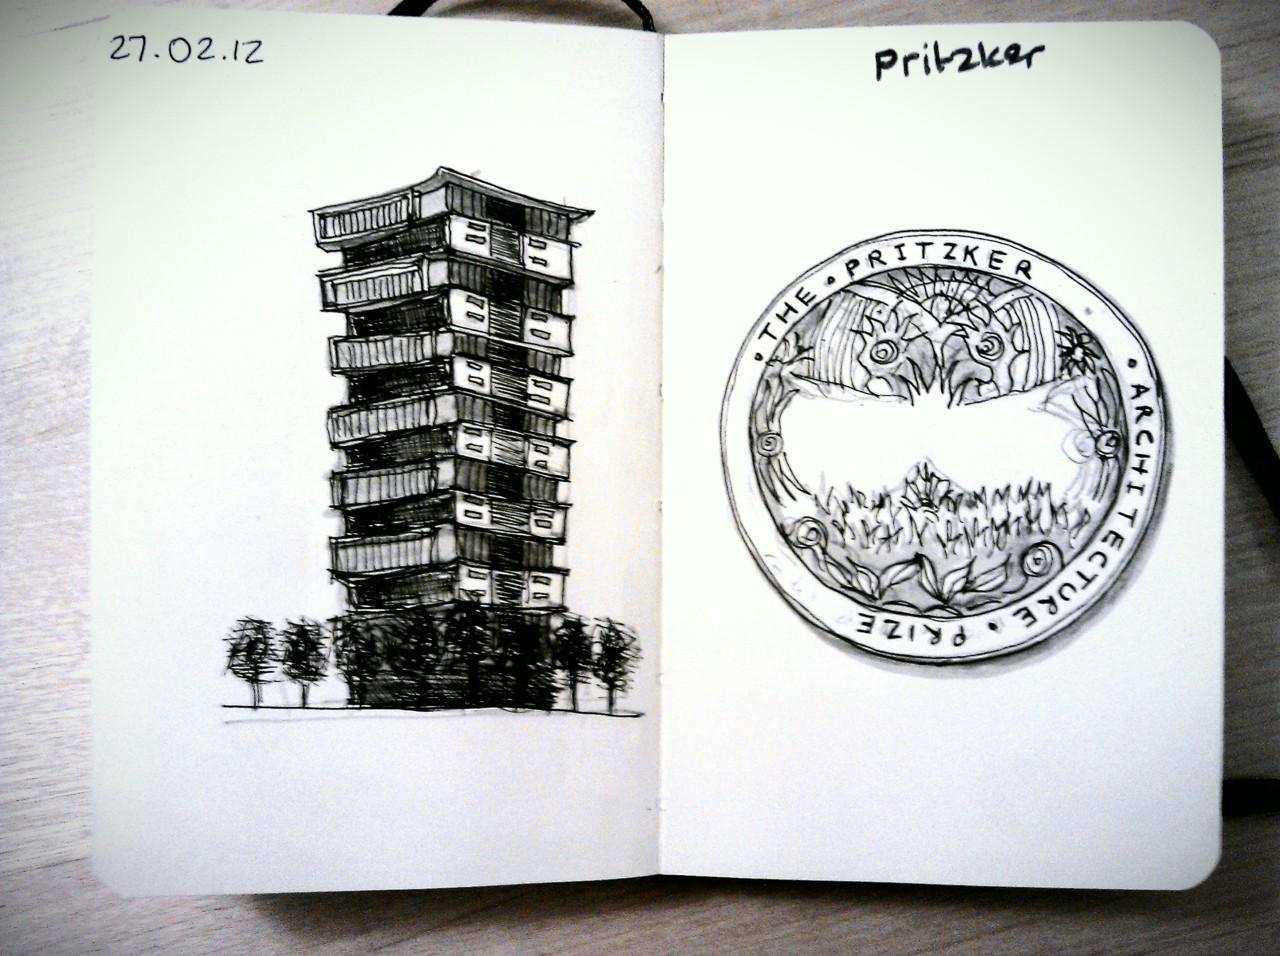 28 drawings later … day 27 … pritzker (congratulations wang shu)